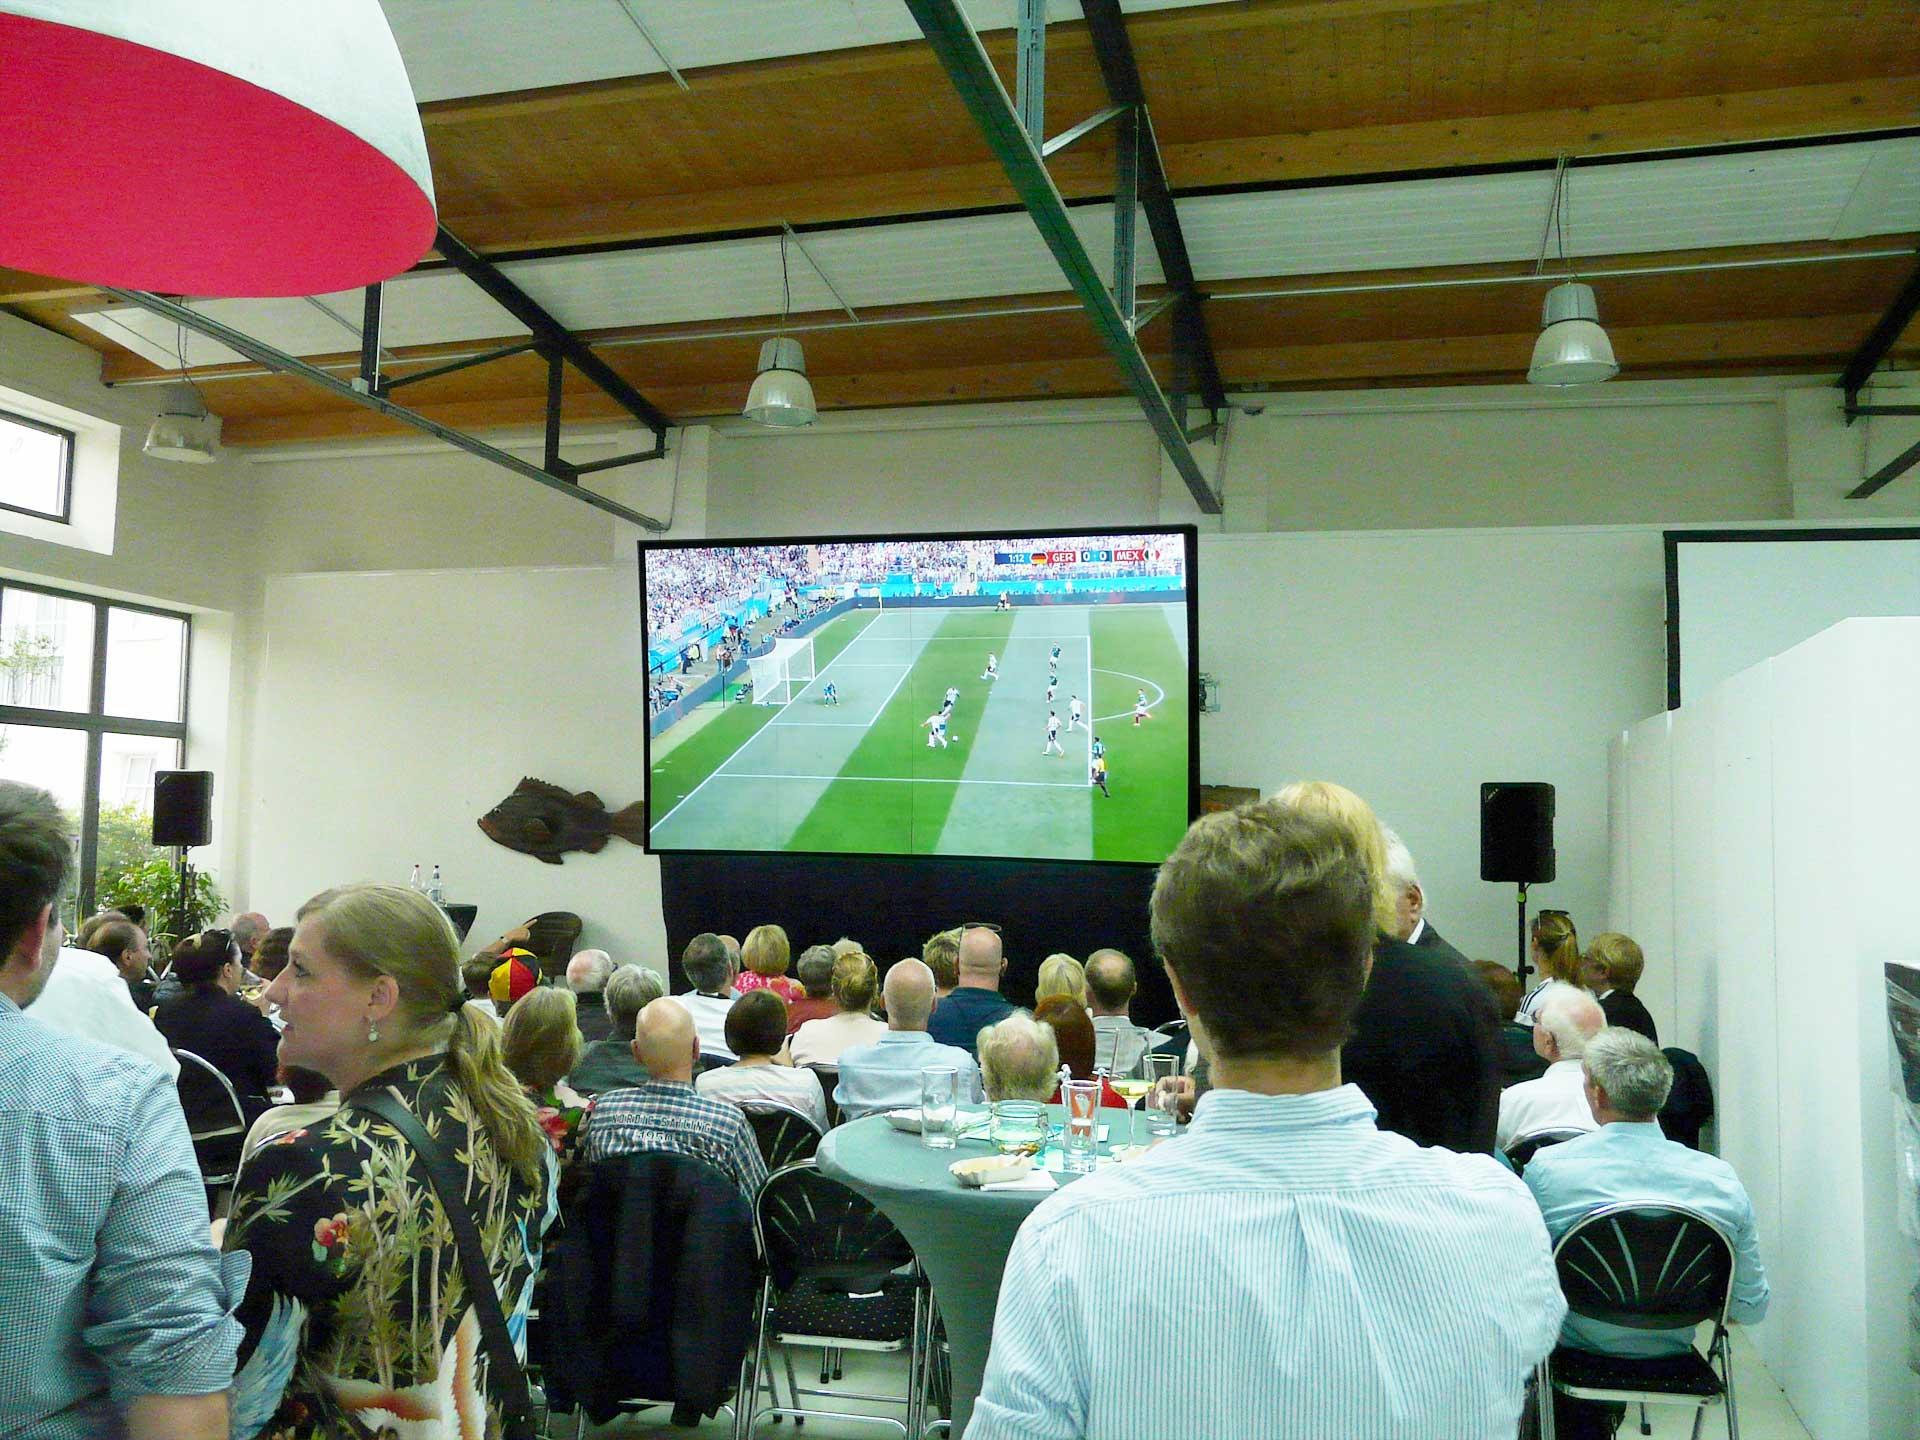 Die Tageslichtprojektion zur WM 2018 mit einer Revosoft Hellraumleinwand bei der CDU Blankenese begeisterte auch Felix Magath.